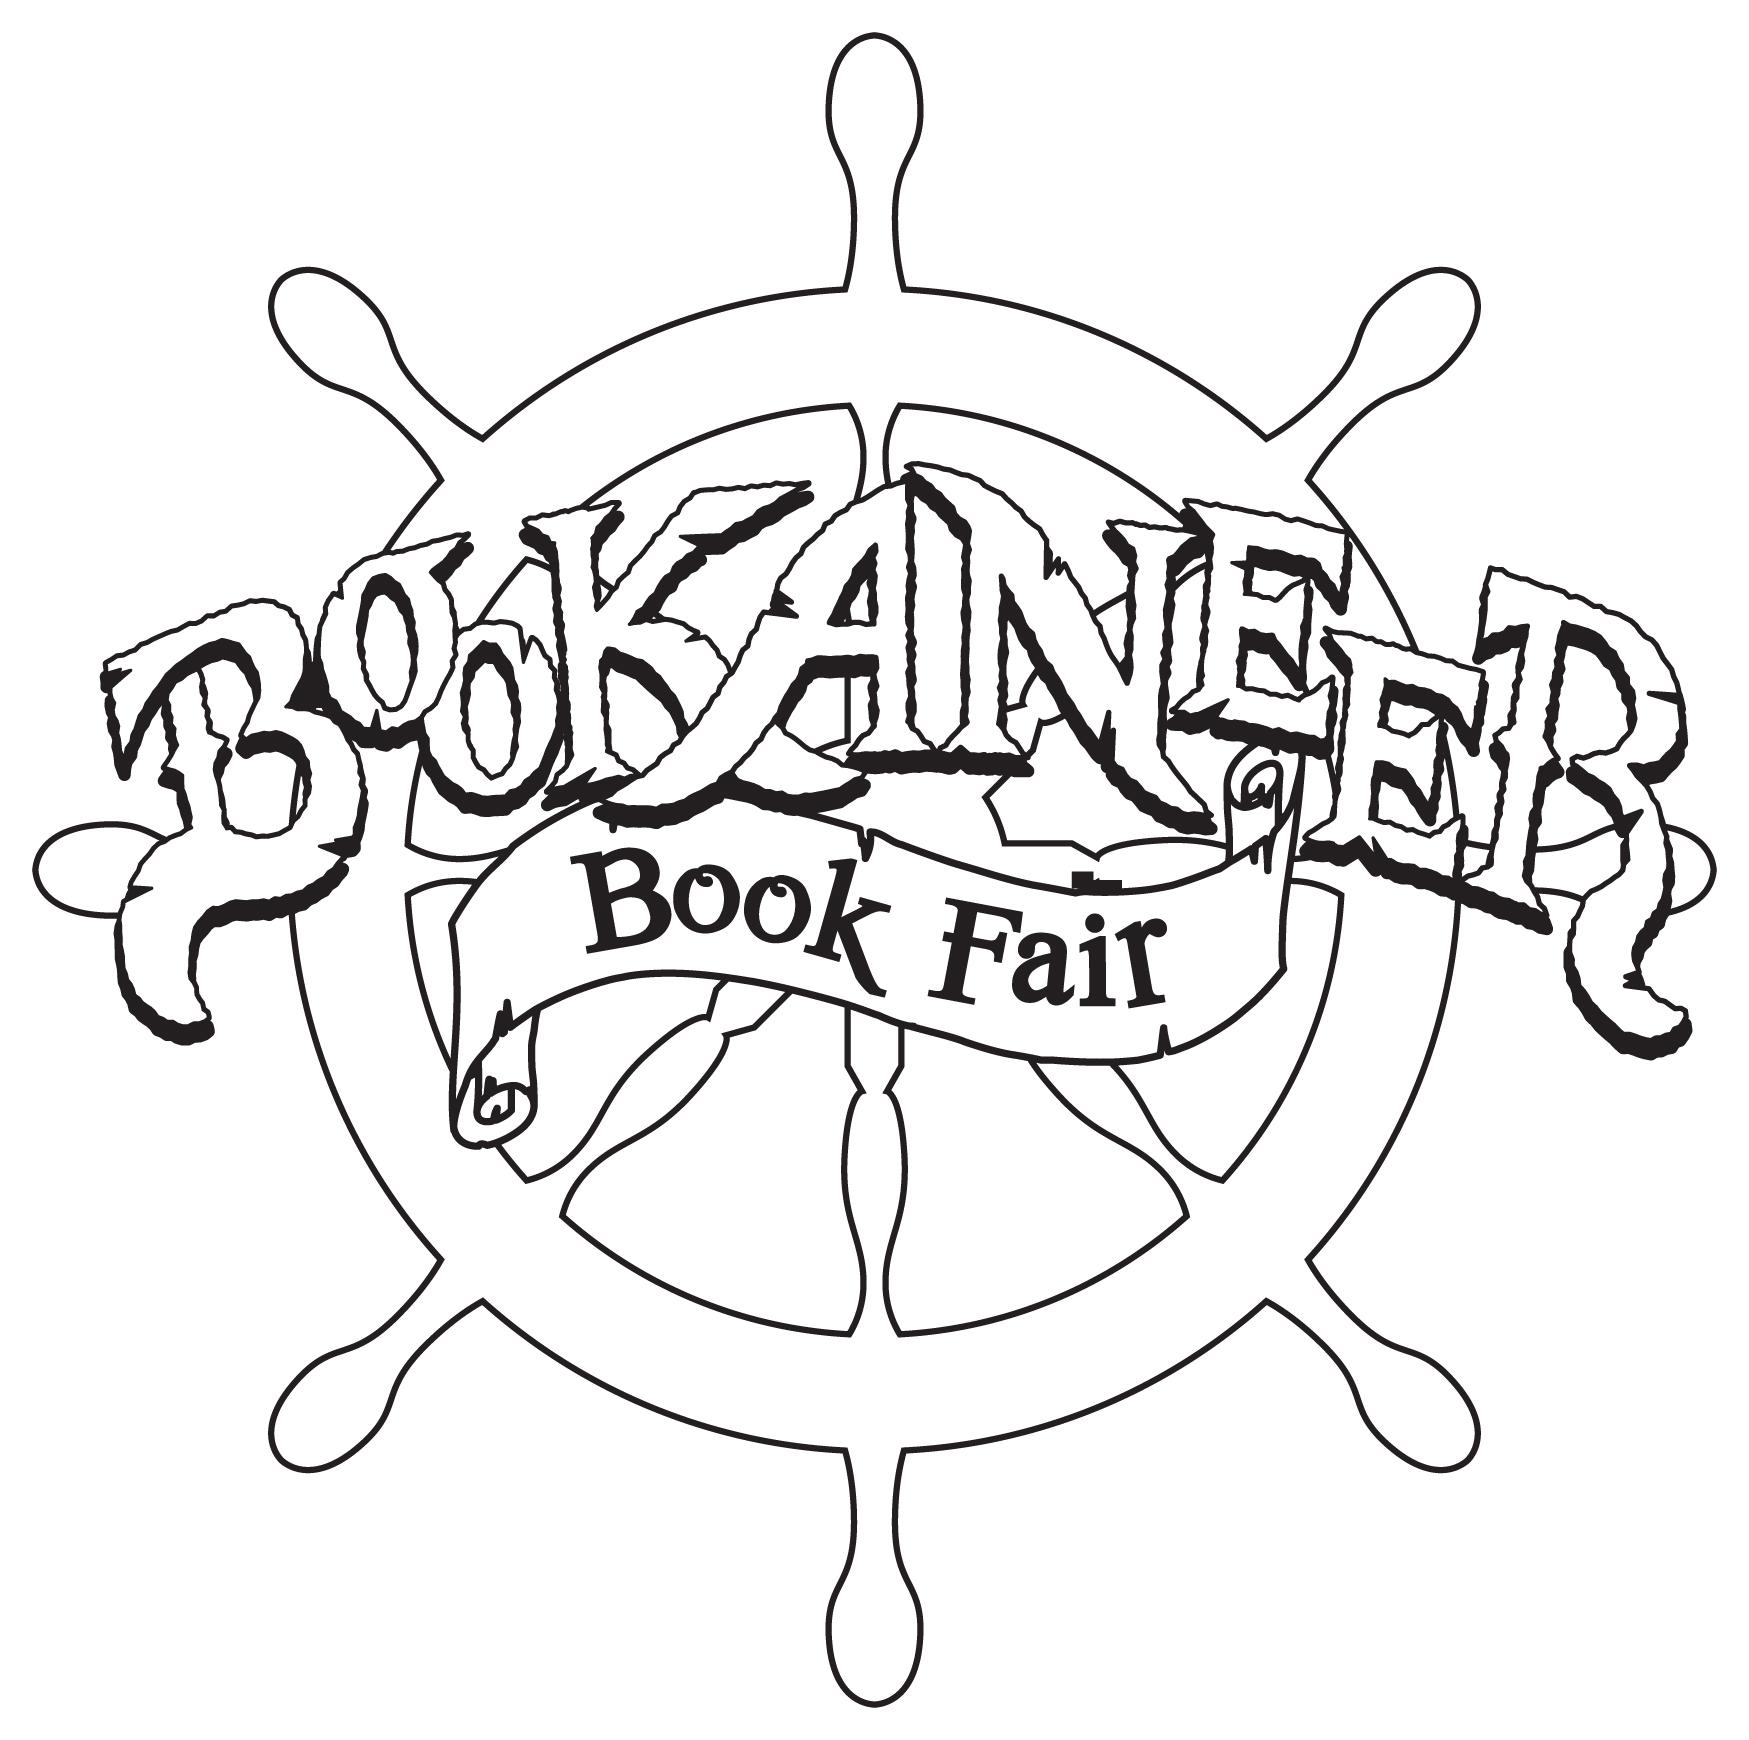 Bookaneerwithsteeringwheel(bw)